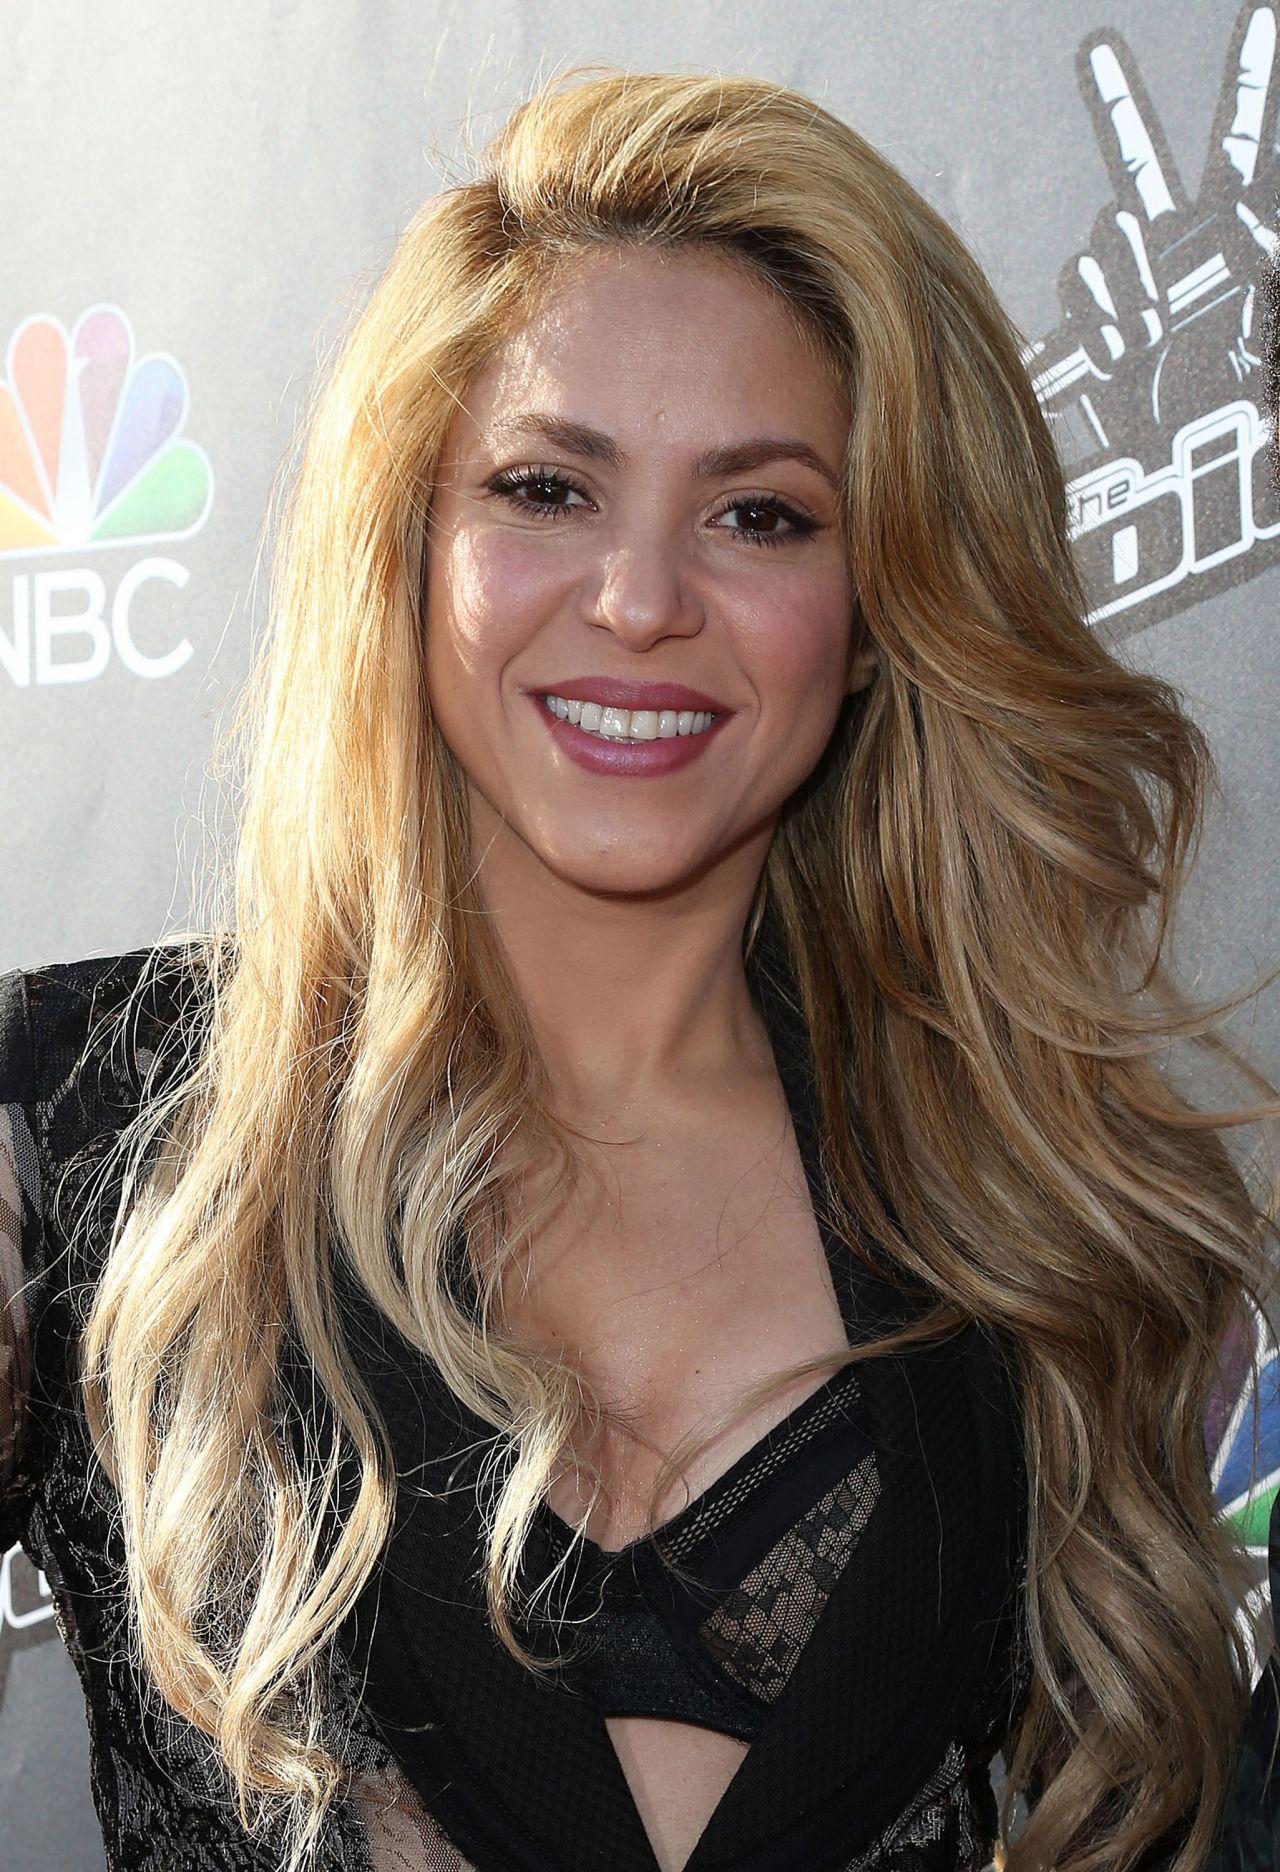 Las razas y etnias en el mundo - Página 7 Shakira-the-voice-red-carpet-event-april-2014_2